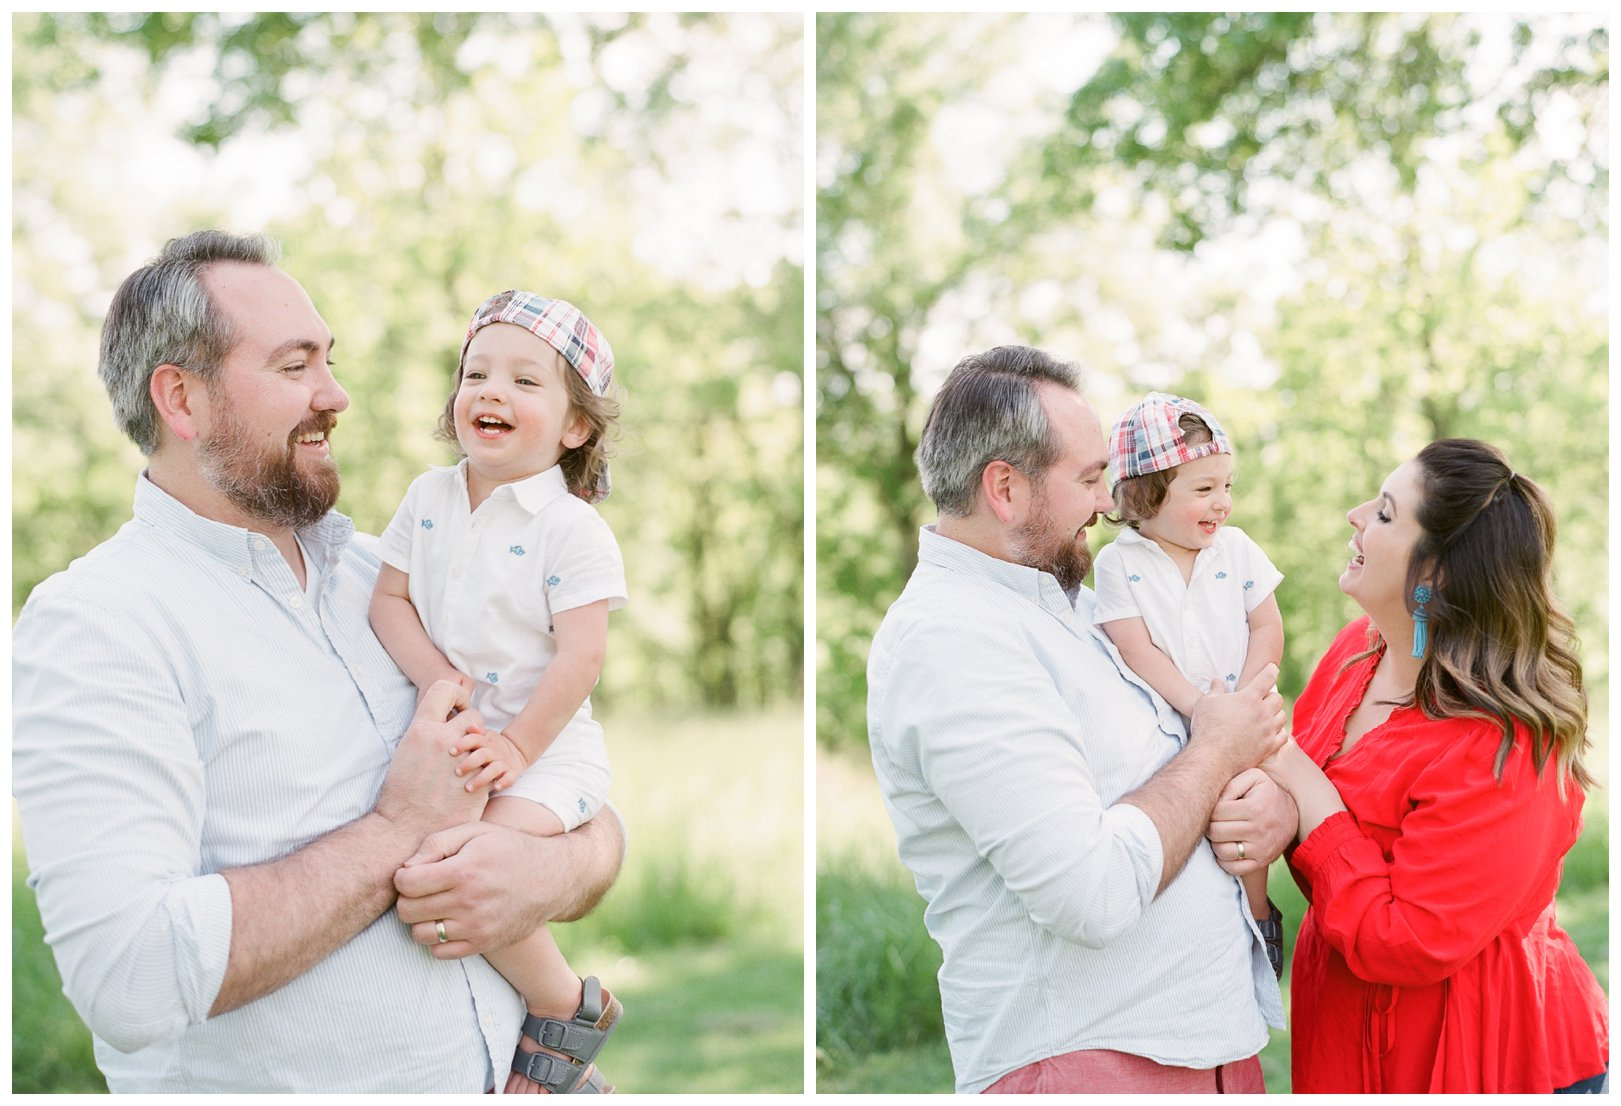 lauren muckler photography_fine art film wedding photography_st louis_photography_2731.jpg